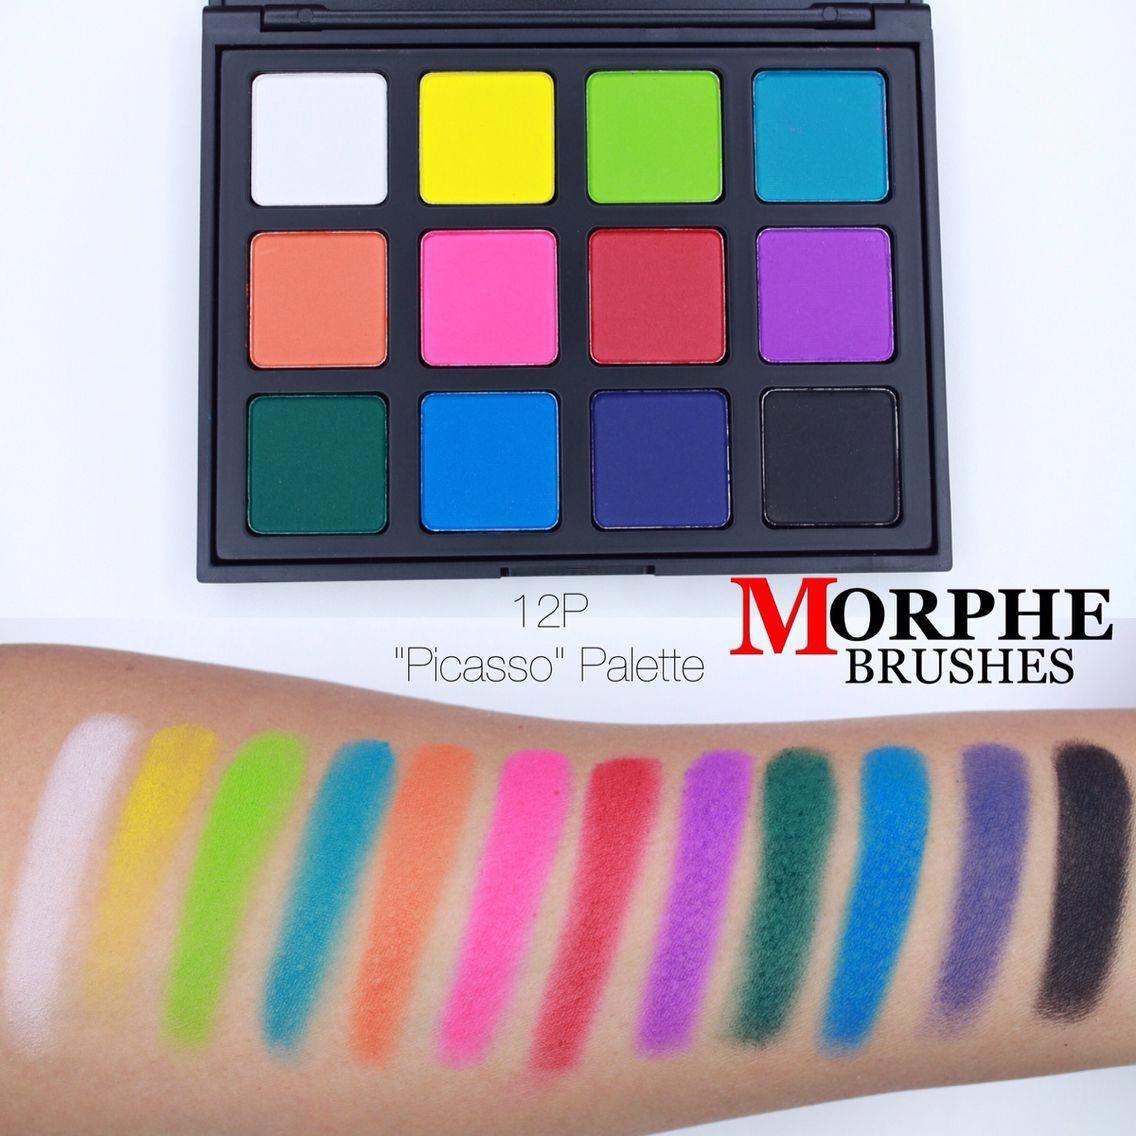 Dinair Airbrush Makeup Foundation Makeup, Eyeshadow